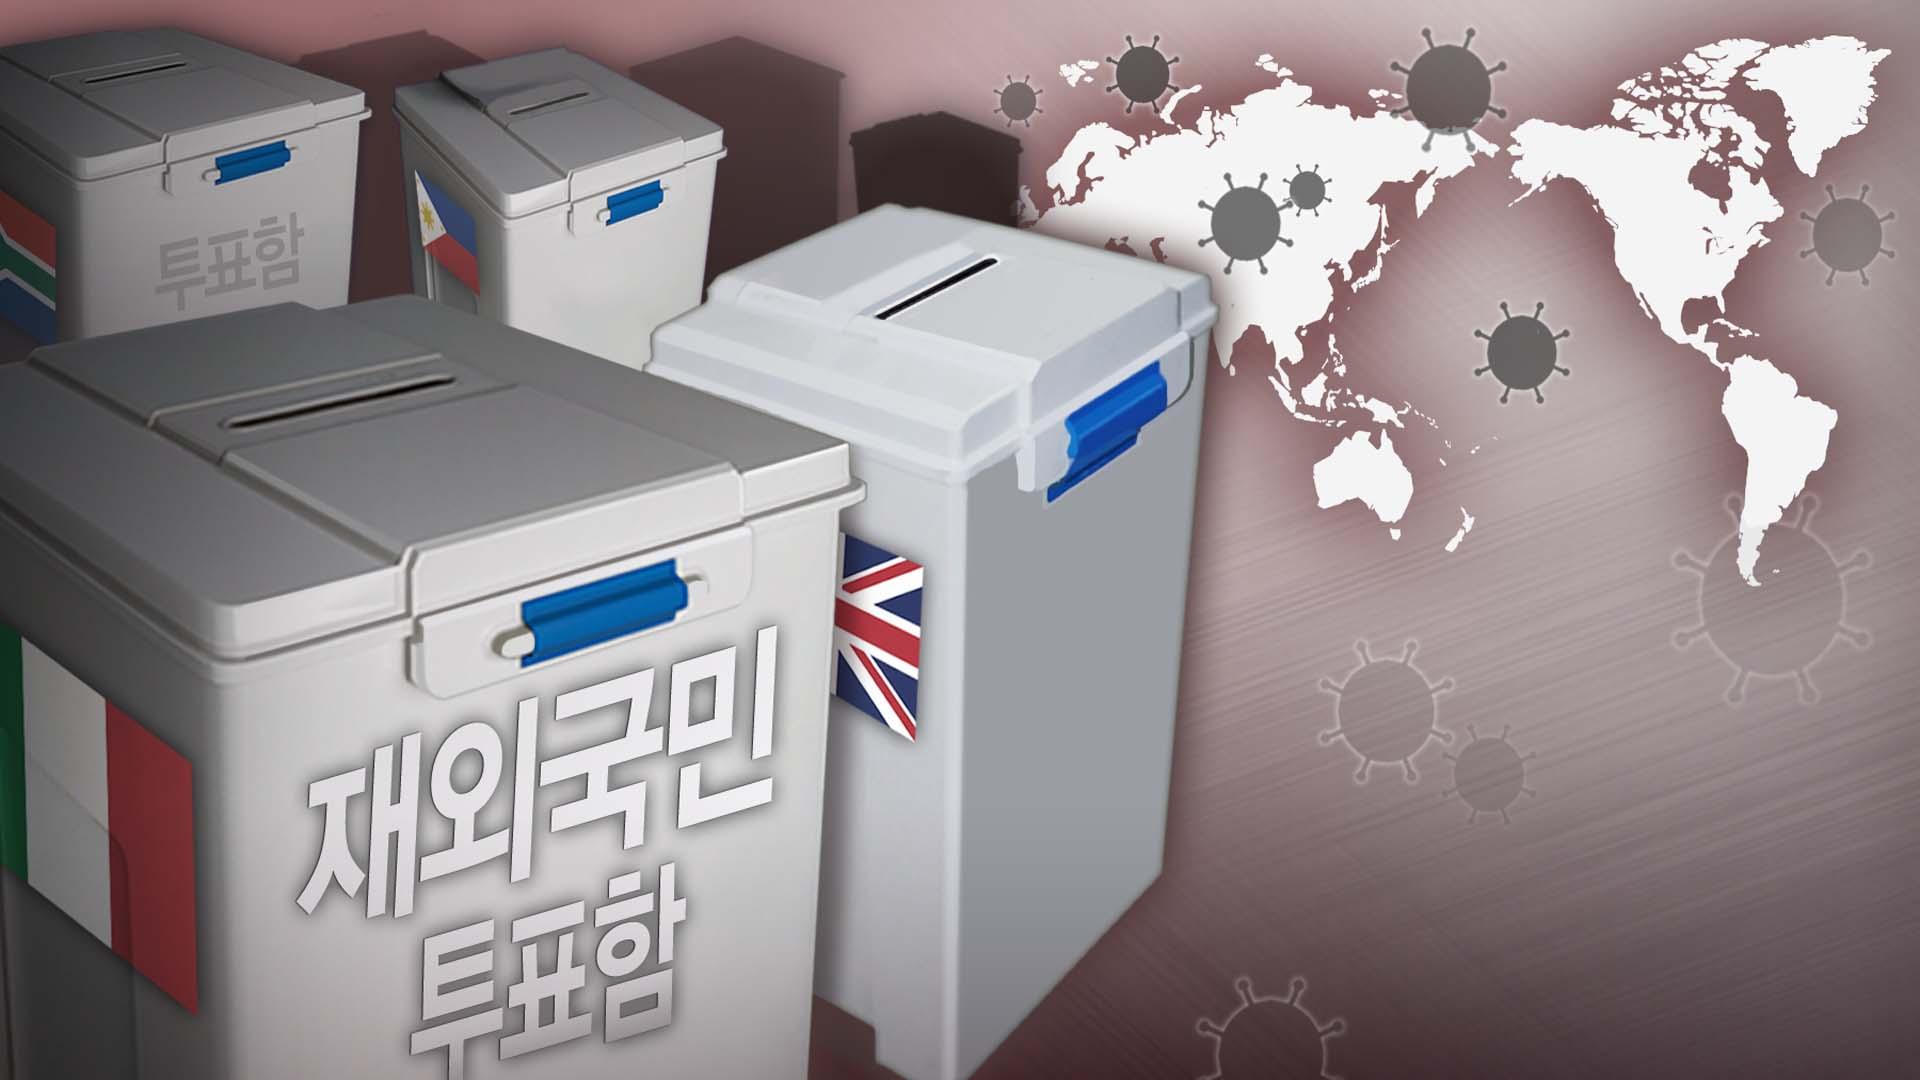 총선 재외투표 내일부터 시작…코로나19로 절반은 투표 못해